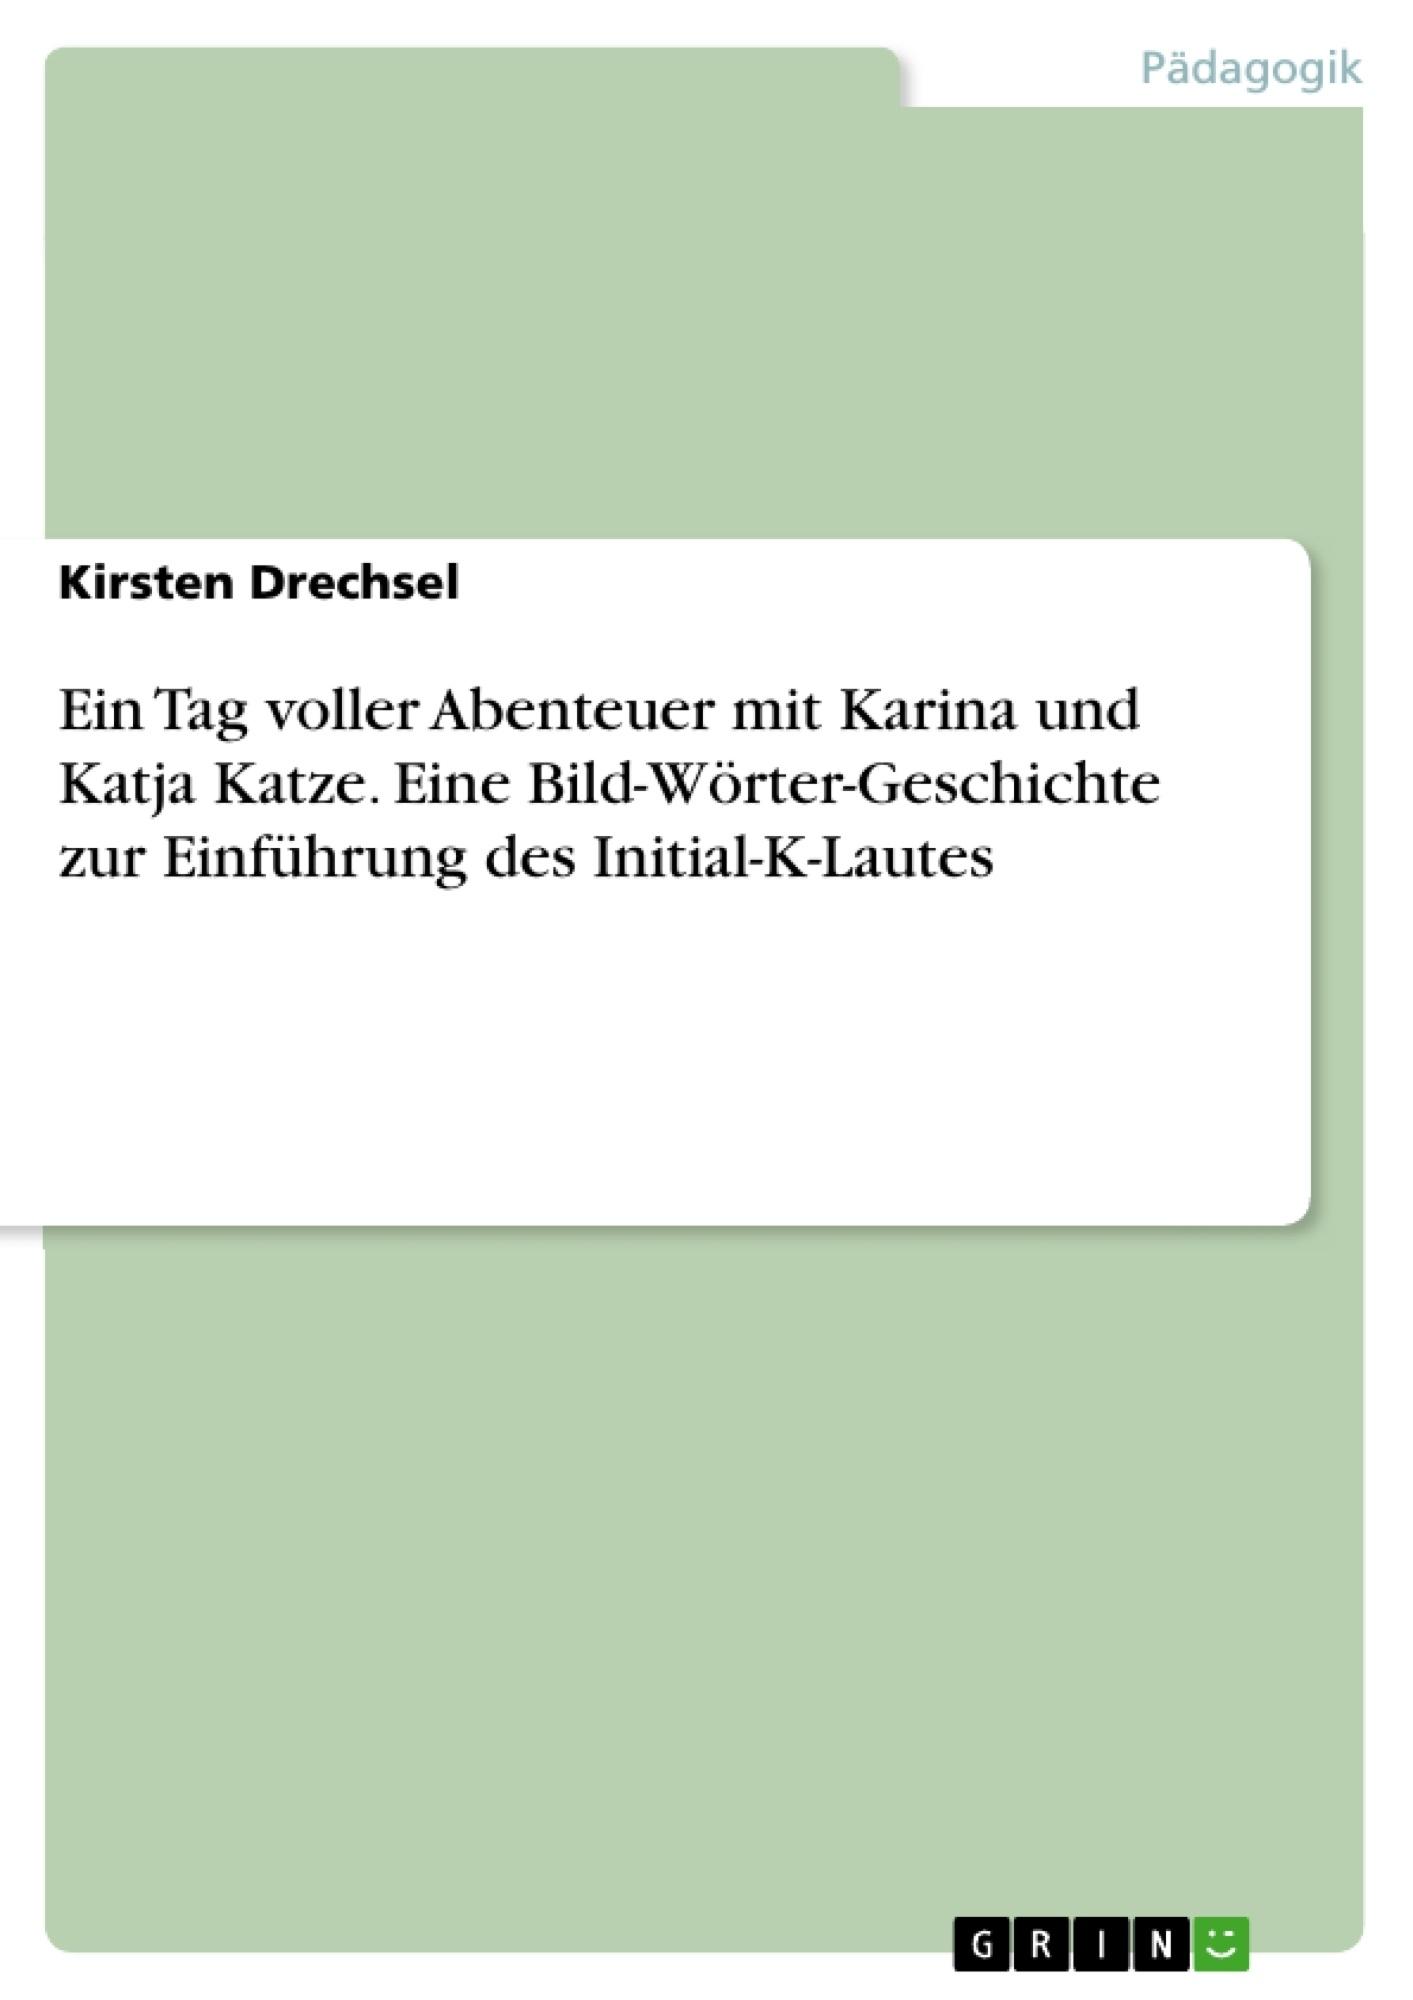 Titel: Ein Tag voller Abenteuer mit Karina und Katja Katze. Eine Bild-Wörter-Geschichte zur Einführung des Initial-K-Lautes